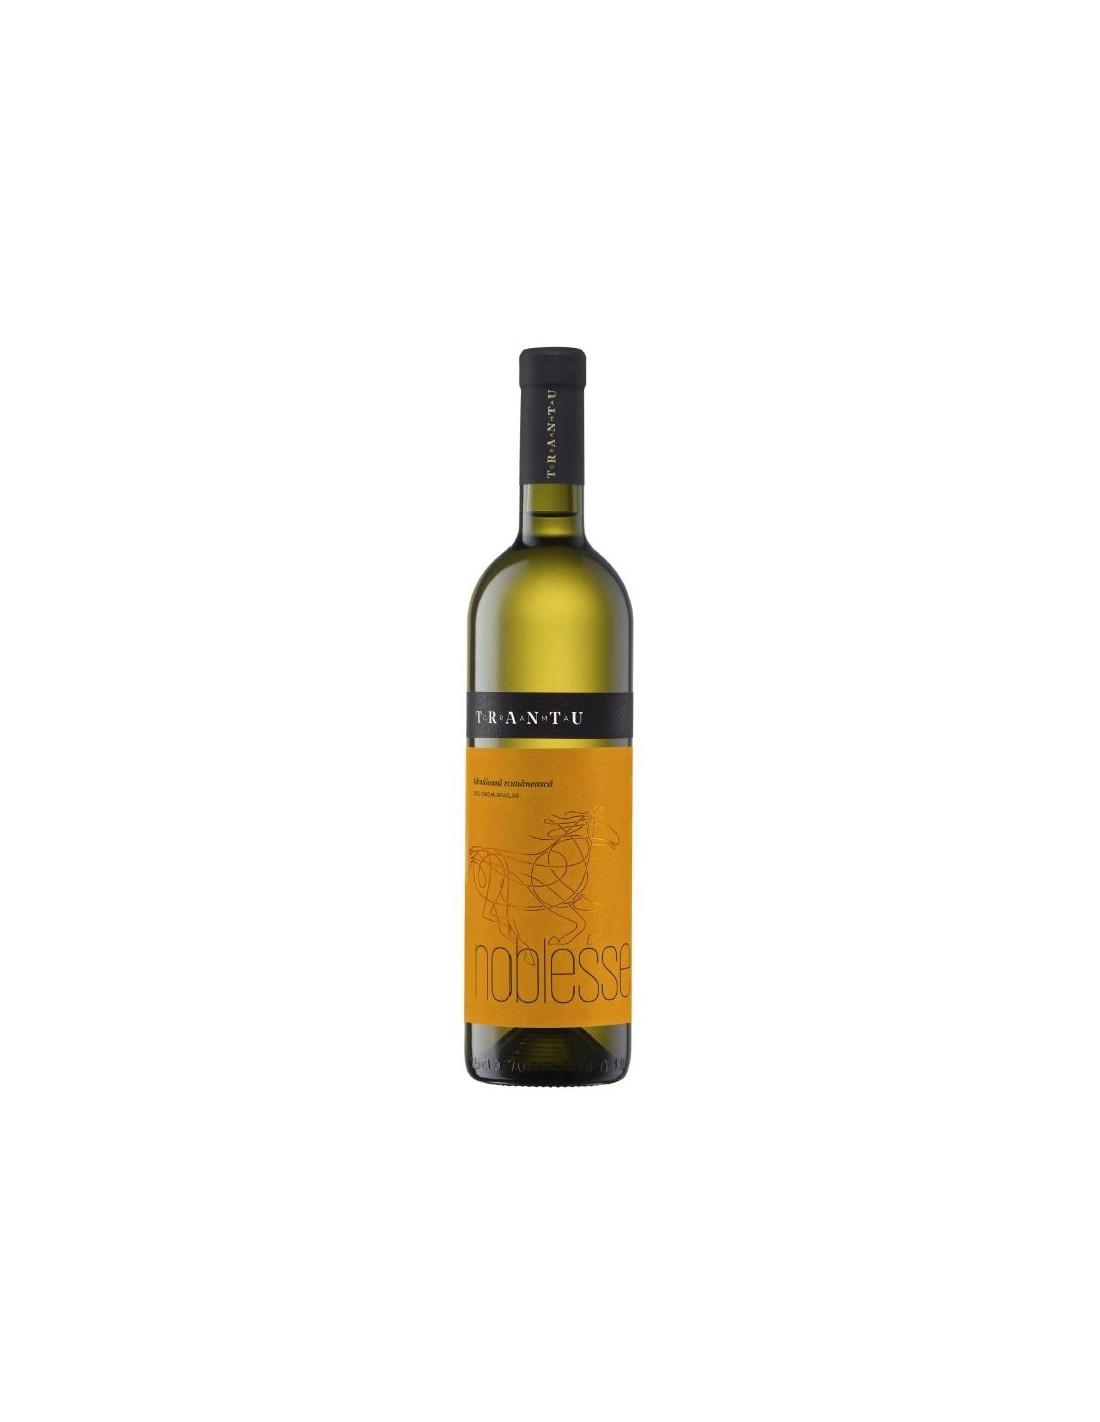 Vin alb demisec, Tamaioasa Romaneasca, Noblesse Murfatlar, 0.75L, 13.5% alc., Romania